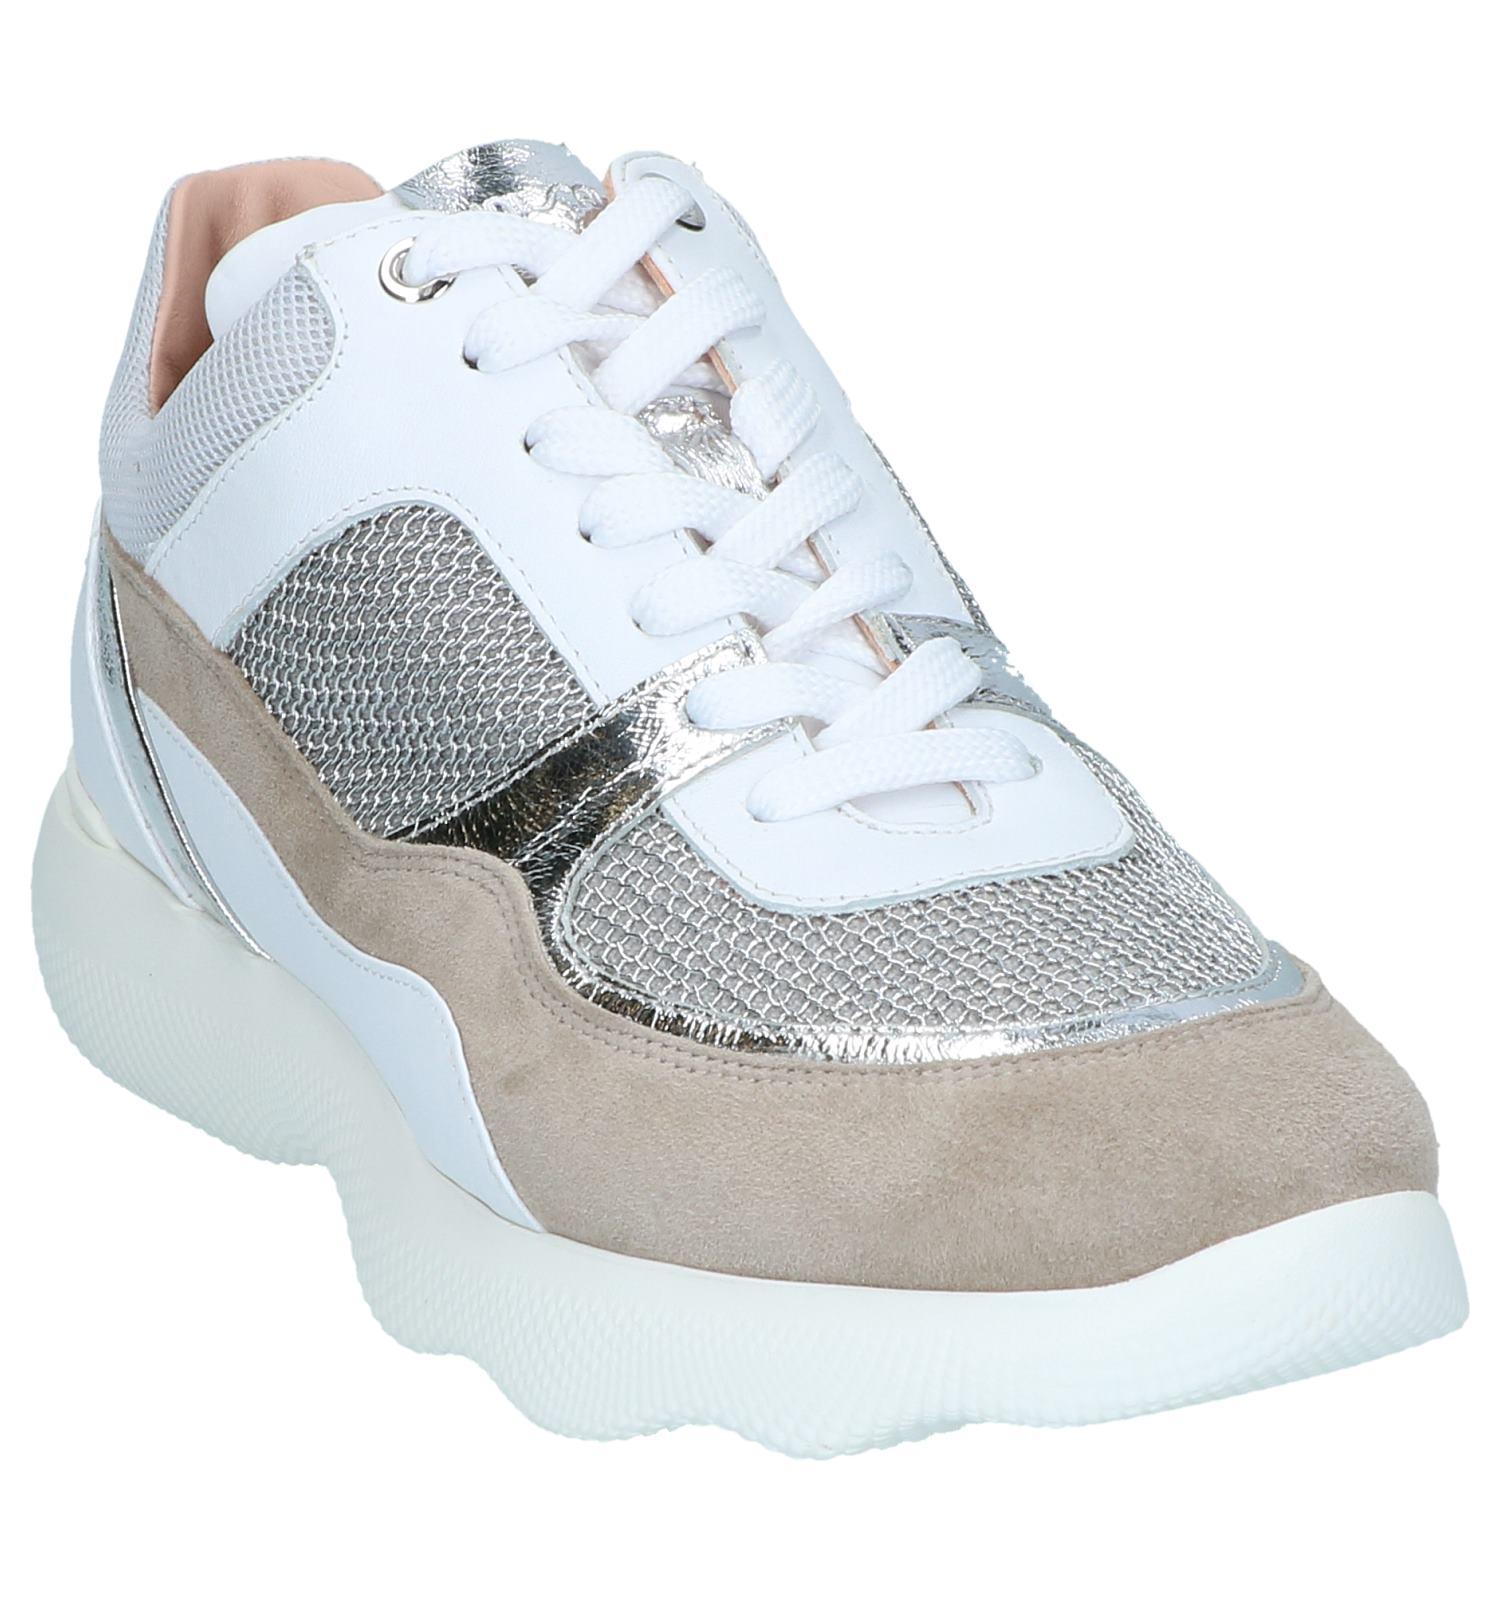 Sneakers Unisa Lage Lage Sneakers Lage Witte Sneakers Witte Unisa Witte Unisa MVpUqSz